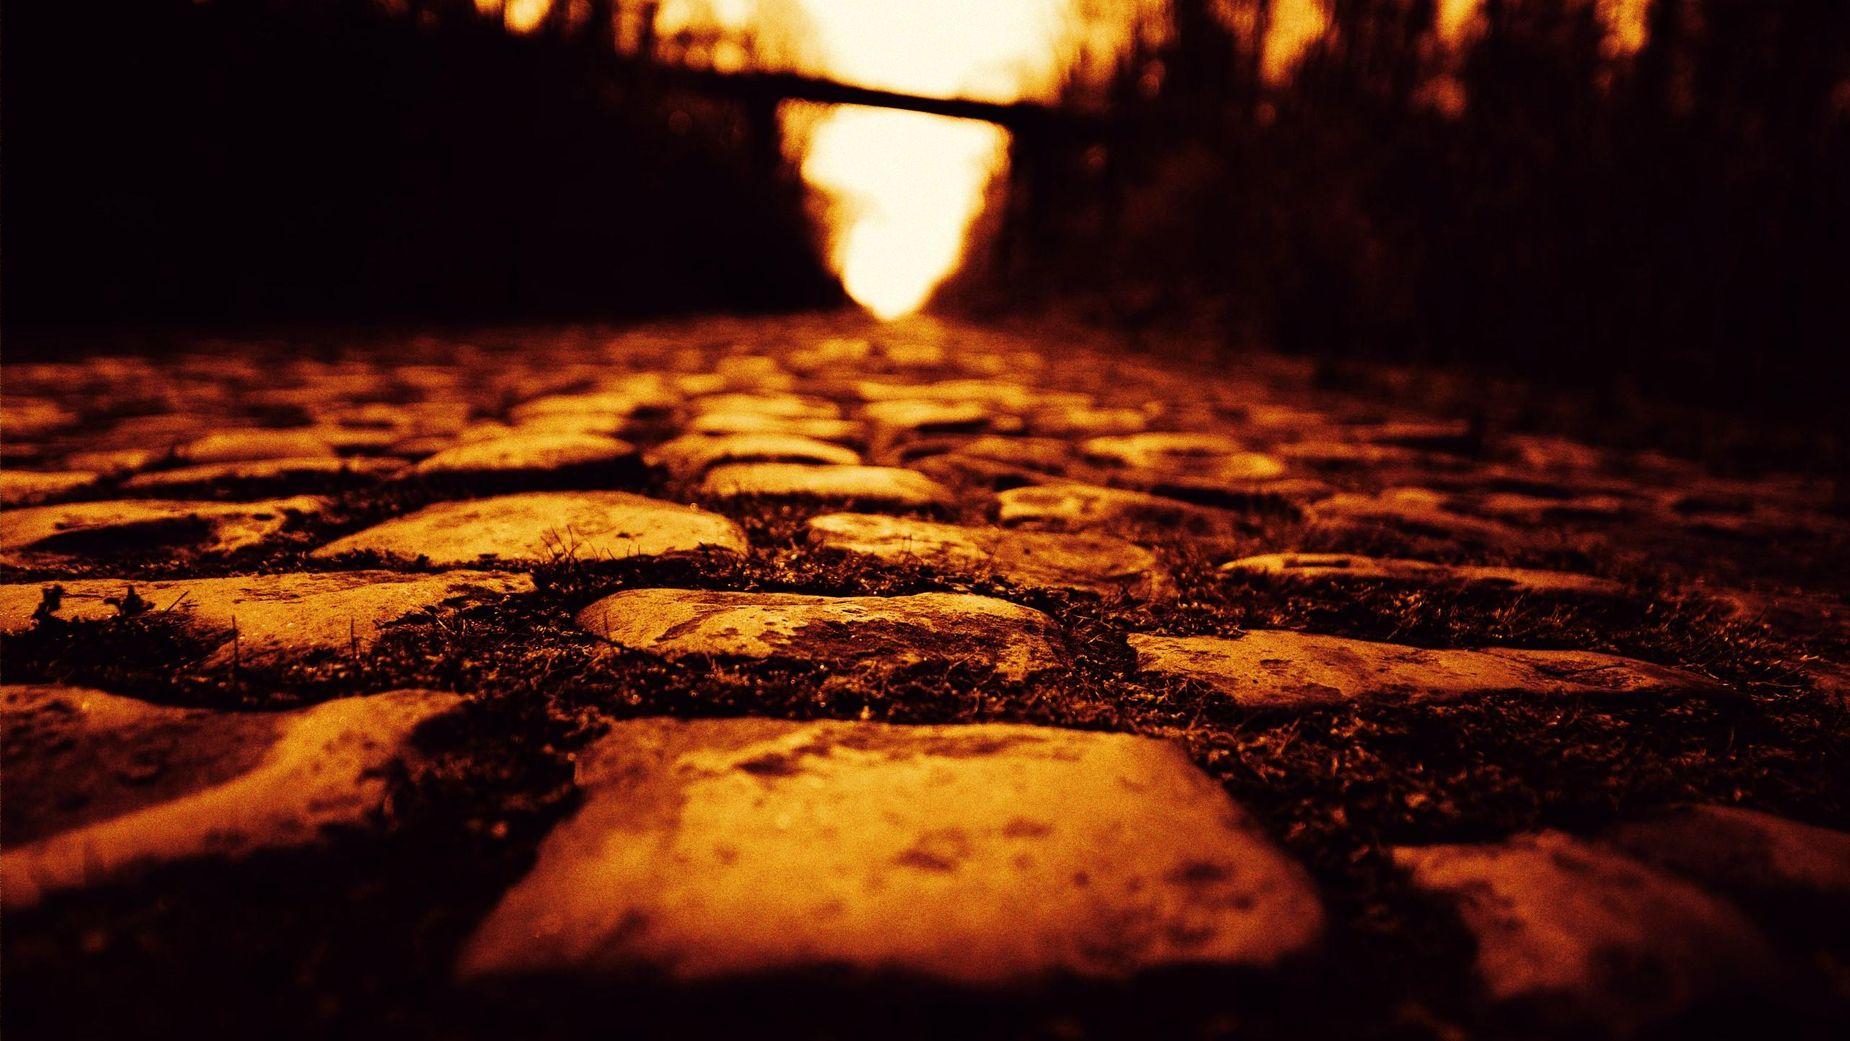 París-Roubaix: Arenberg, un viaje al corazón del Infierno del ...